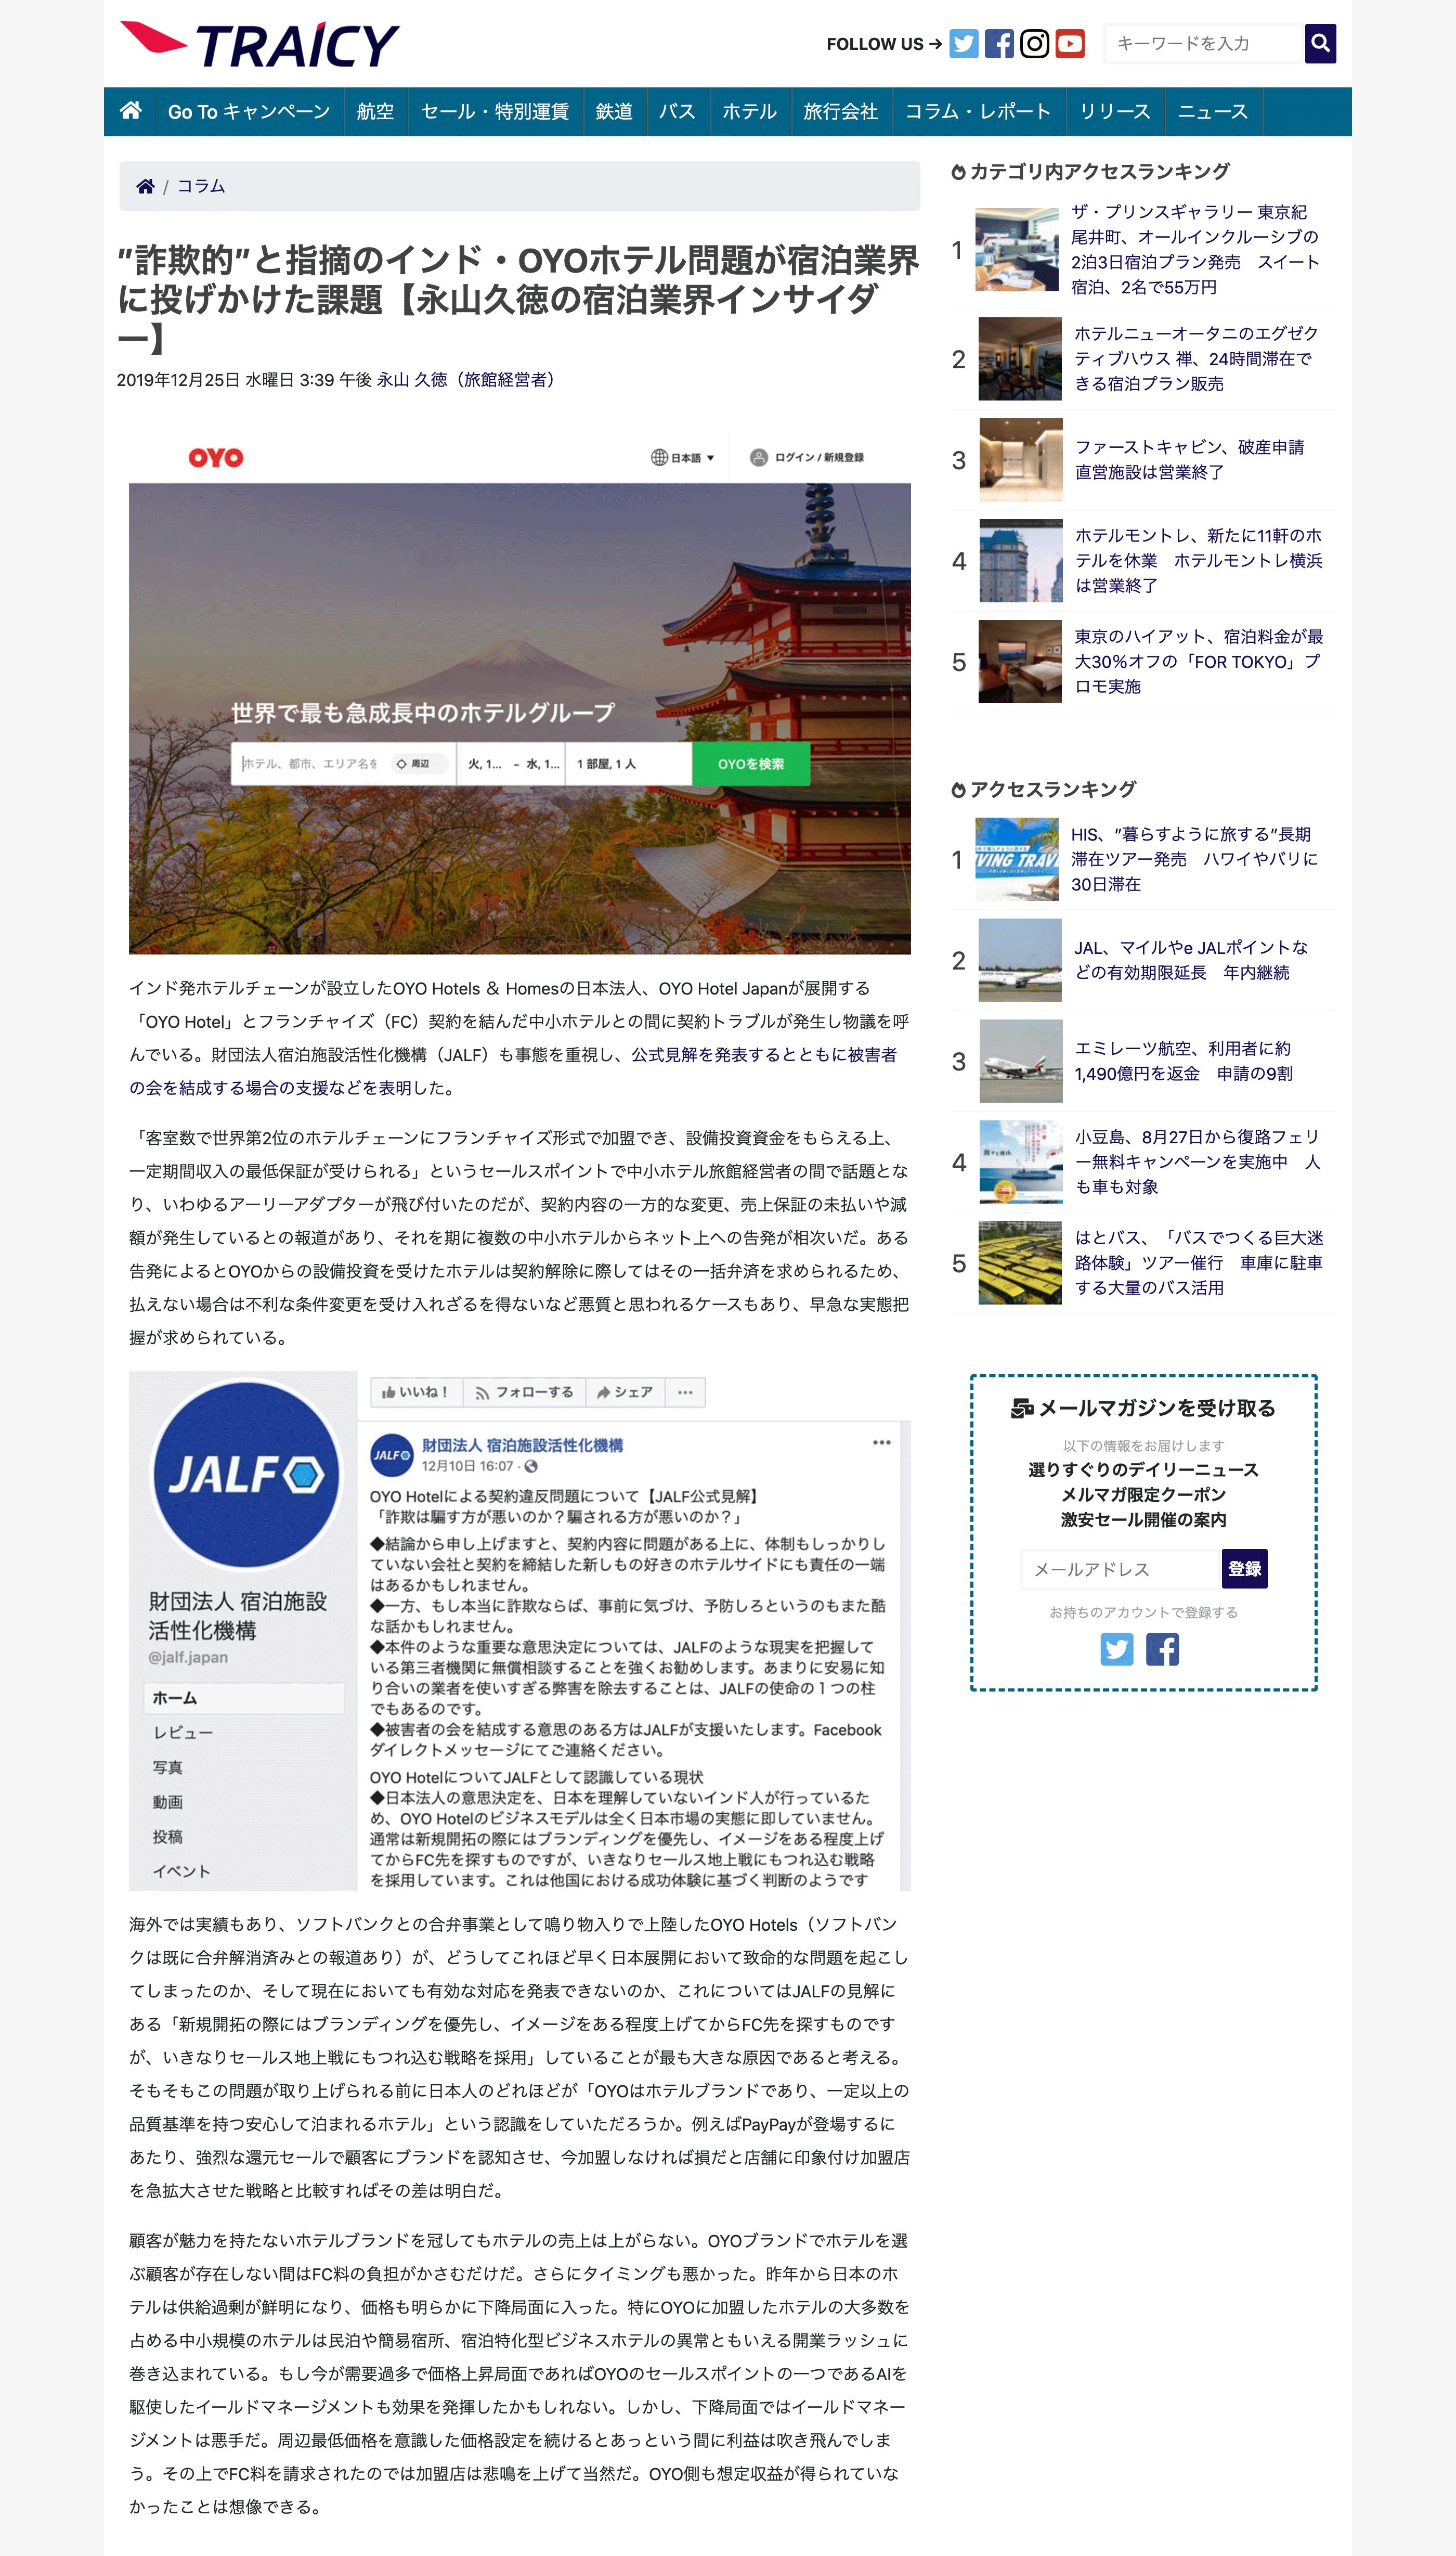 2019年12月25日(水)の旅行情報メディア「TRAICY(トライシー)」にJALFの見解が取り上げられました。